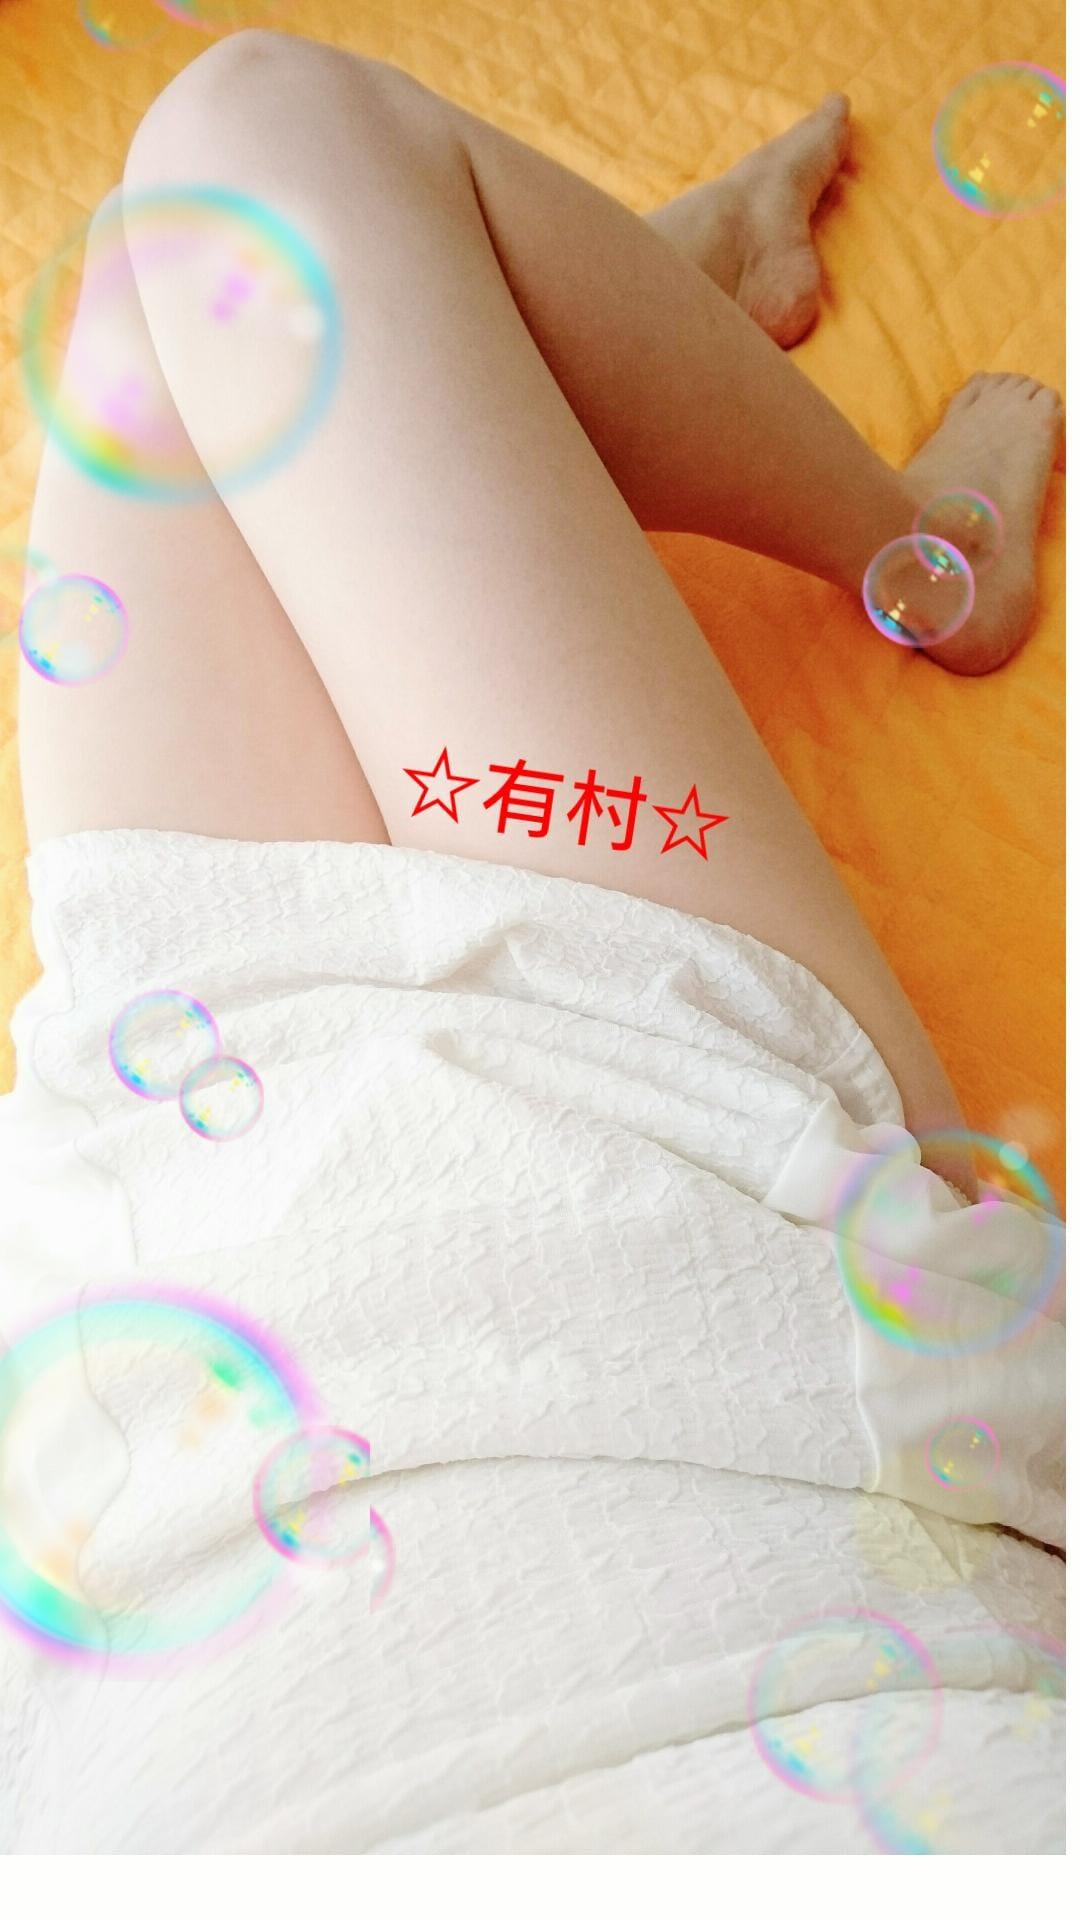 有村「こんばんは(*^^*)」11/19(日) 23:19 | 有村の写メ・風俗動画